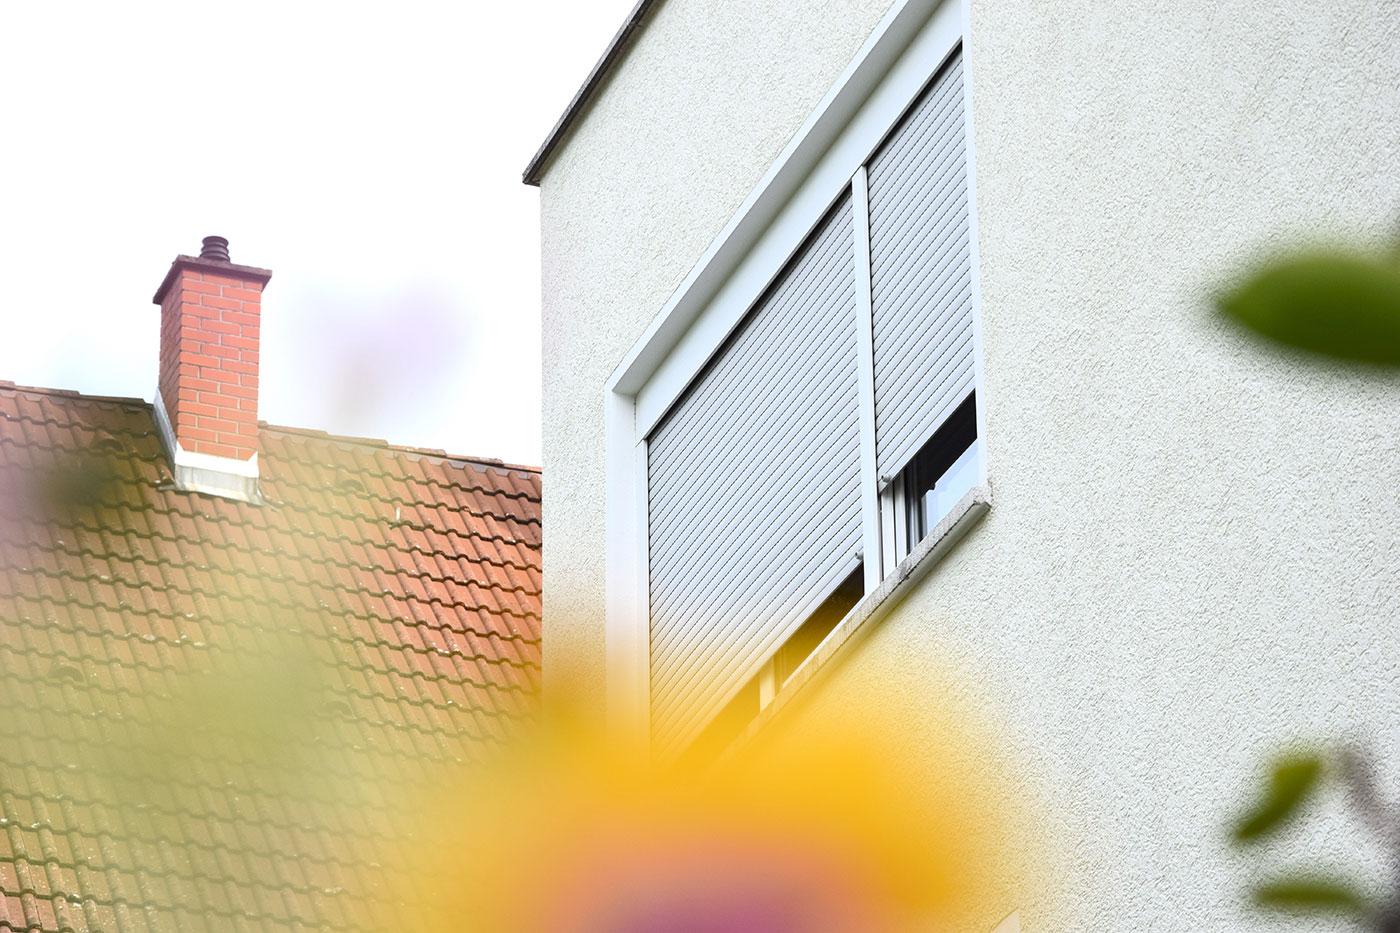 Rolladen für Fenster und Terrassentüren von Ottis in Bad Düben, Dresden, Leipzig und Nordsachsen